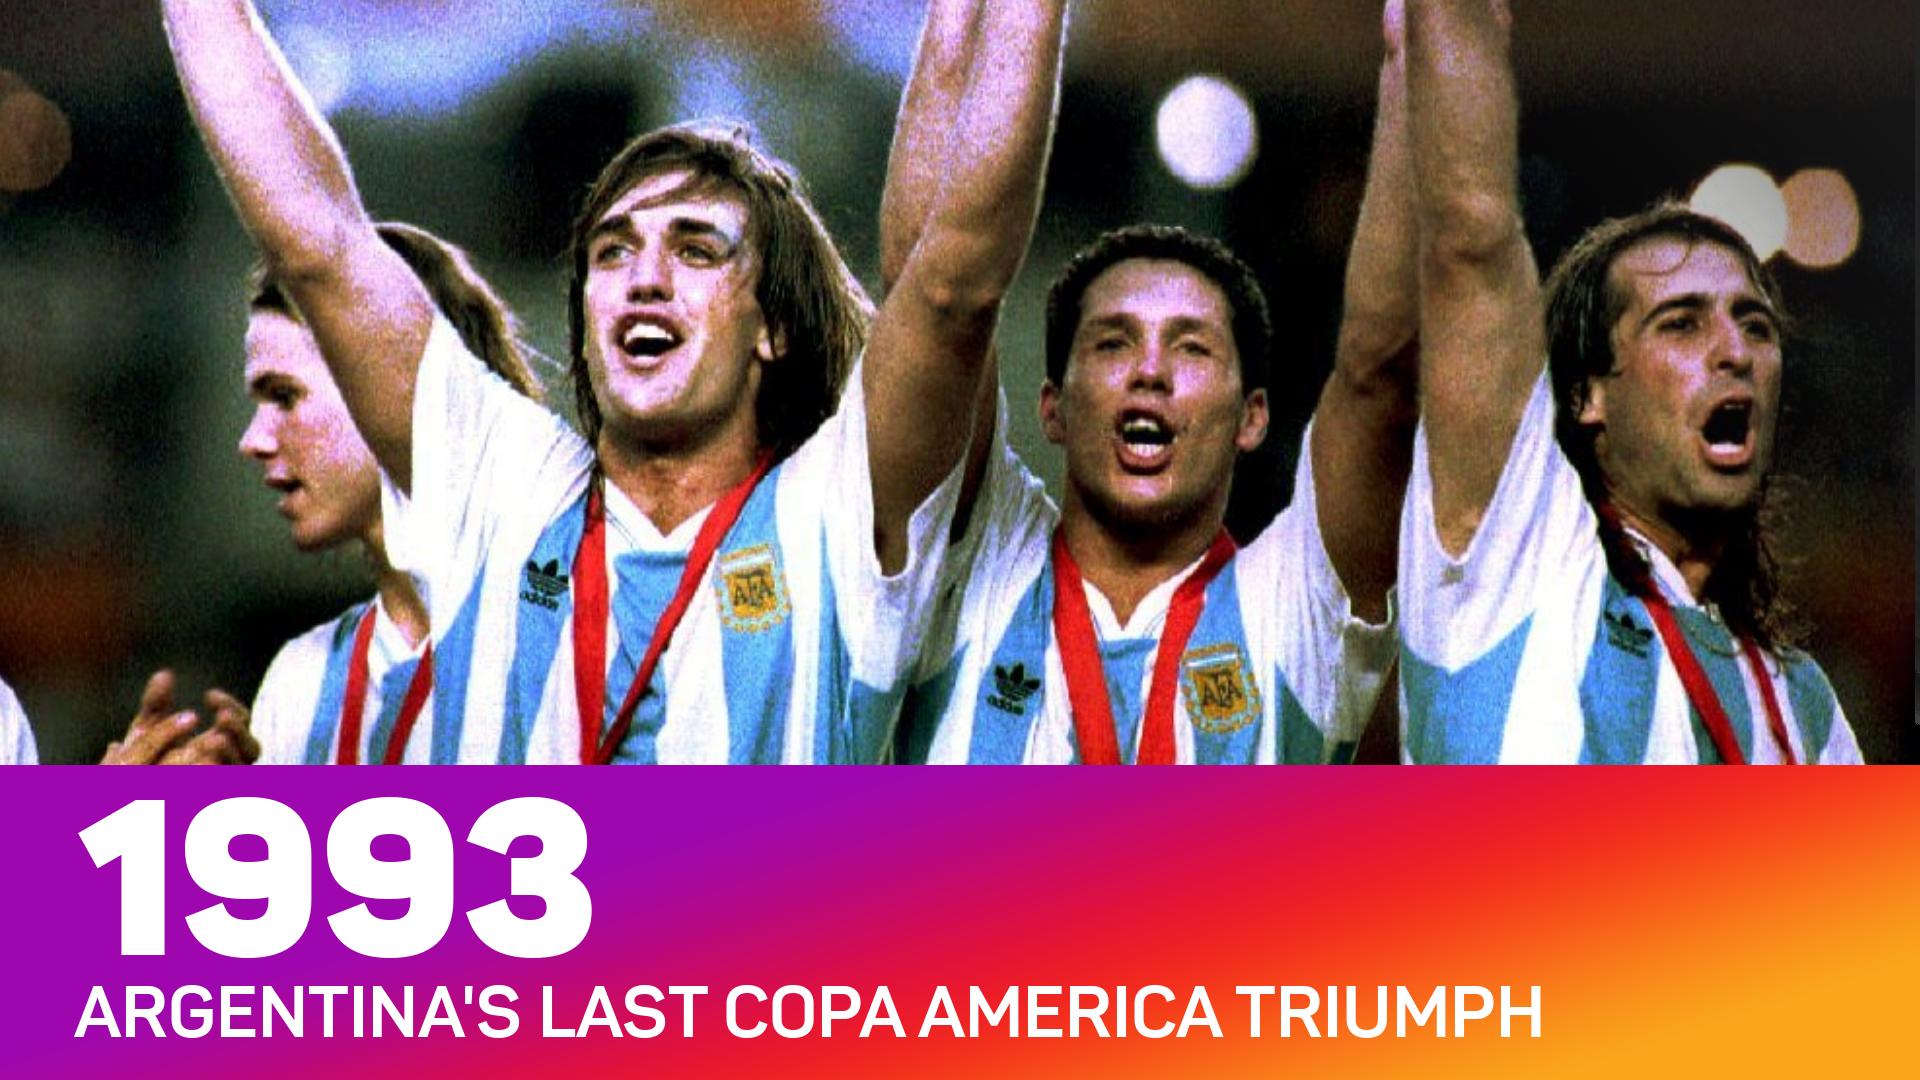 Argentina - 1993 Copa America winners